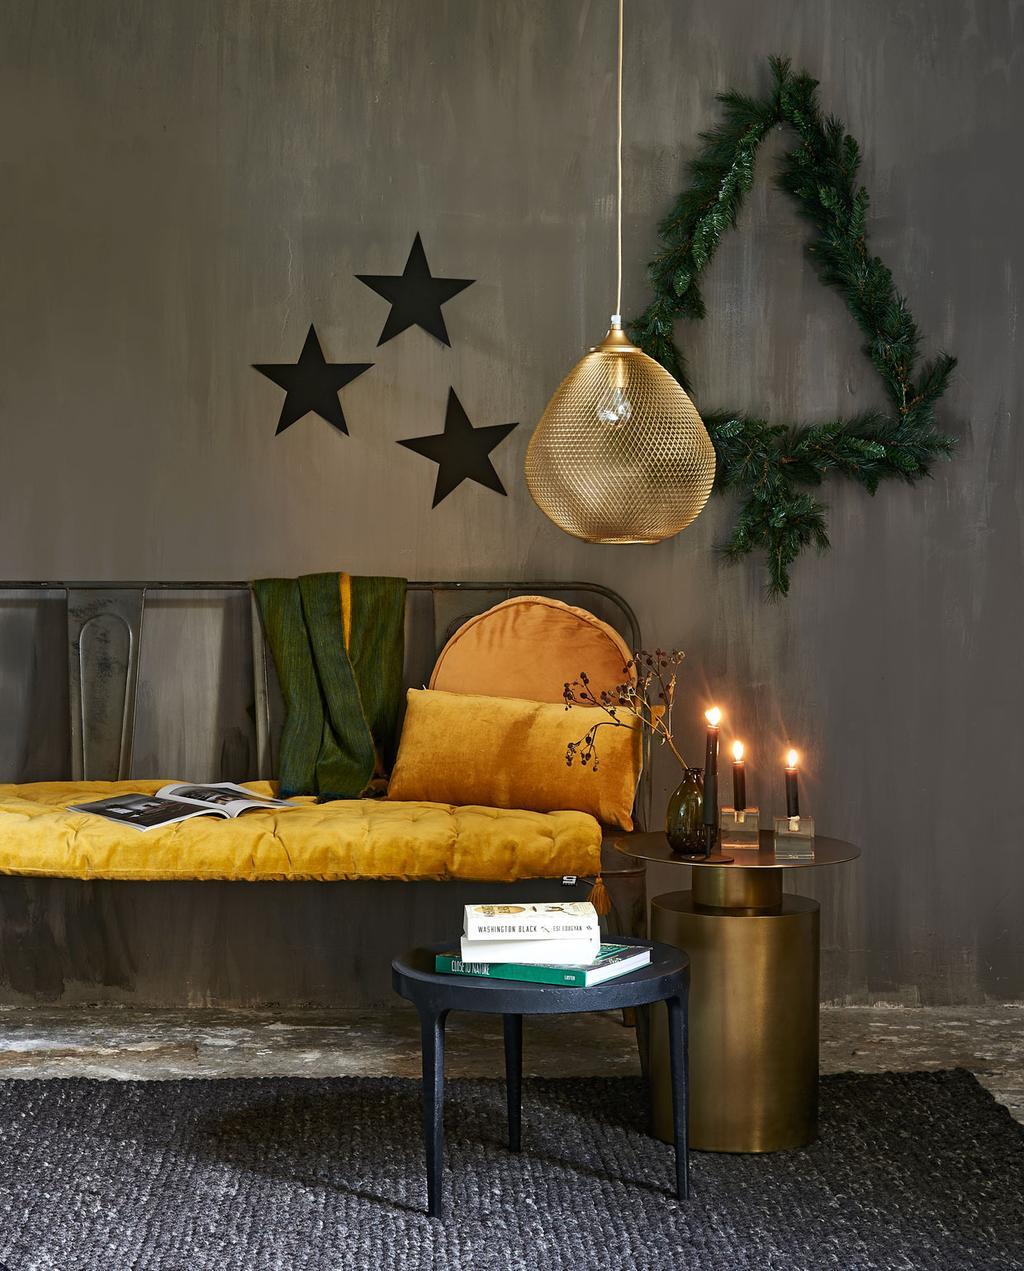 vtwonen 12-2019 | styling kerst woonkamer muurboom